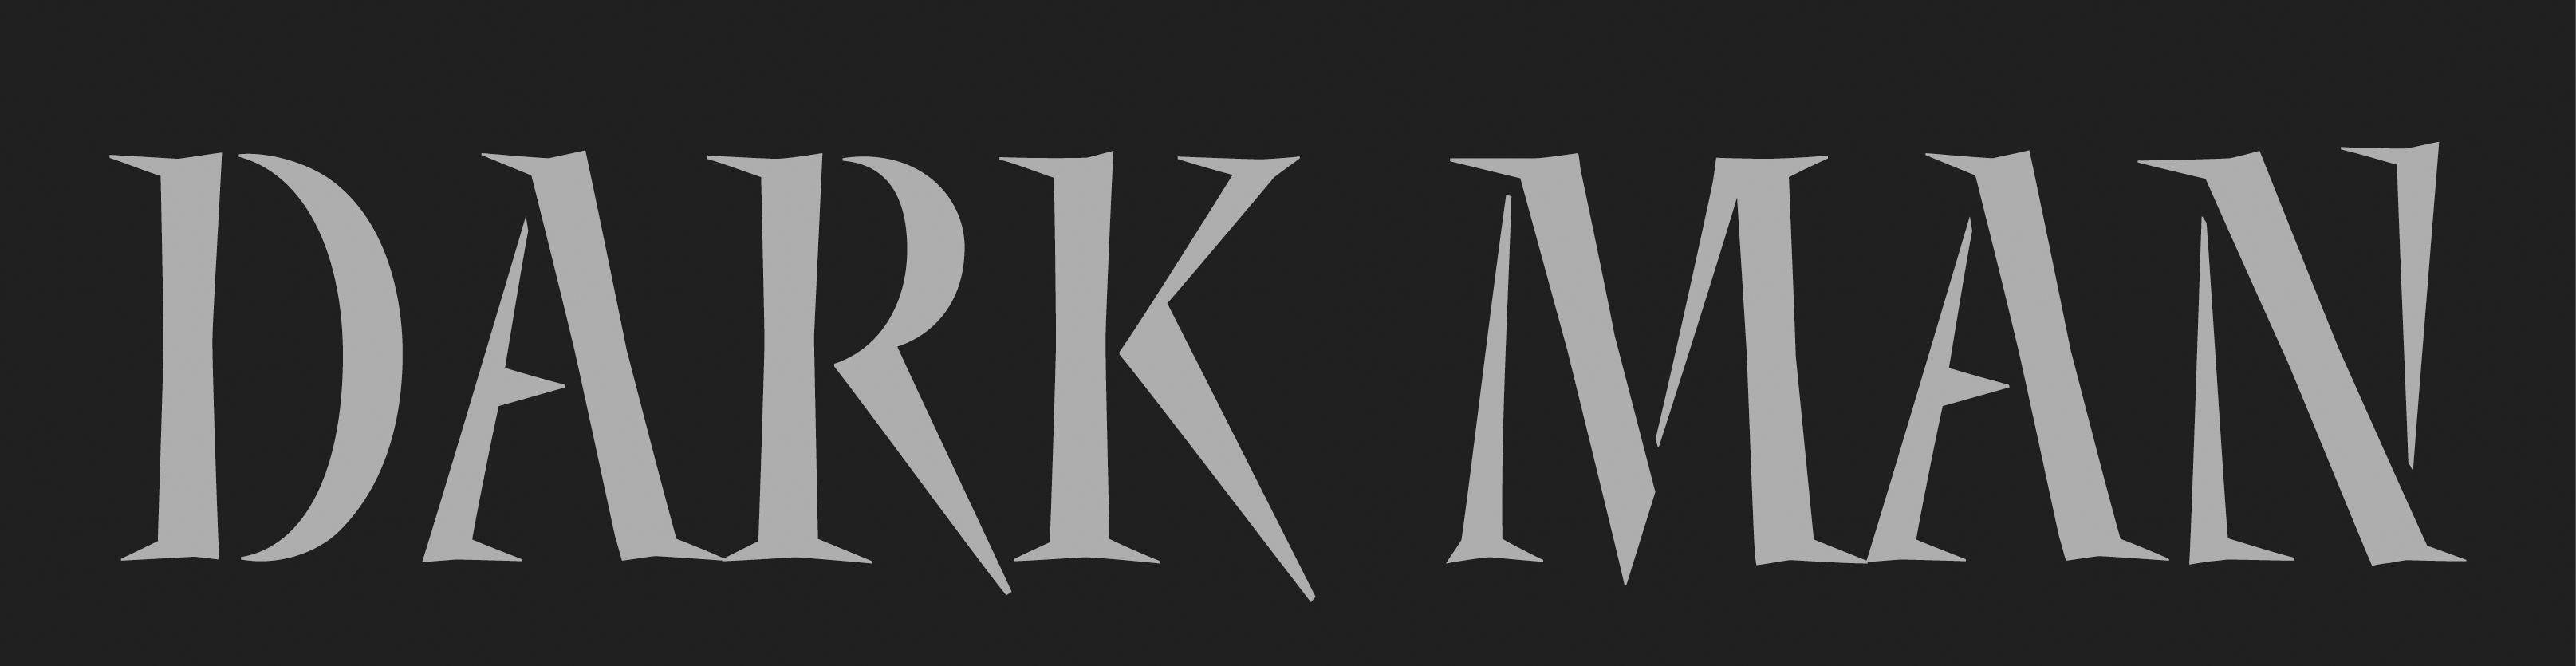 darkman-logo.jpg